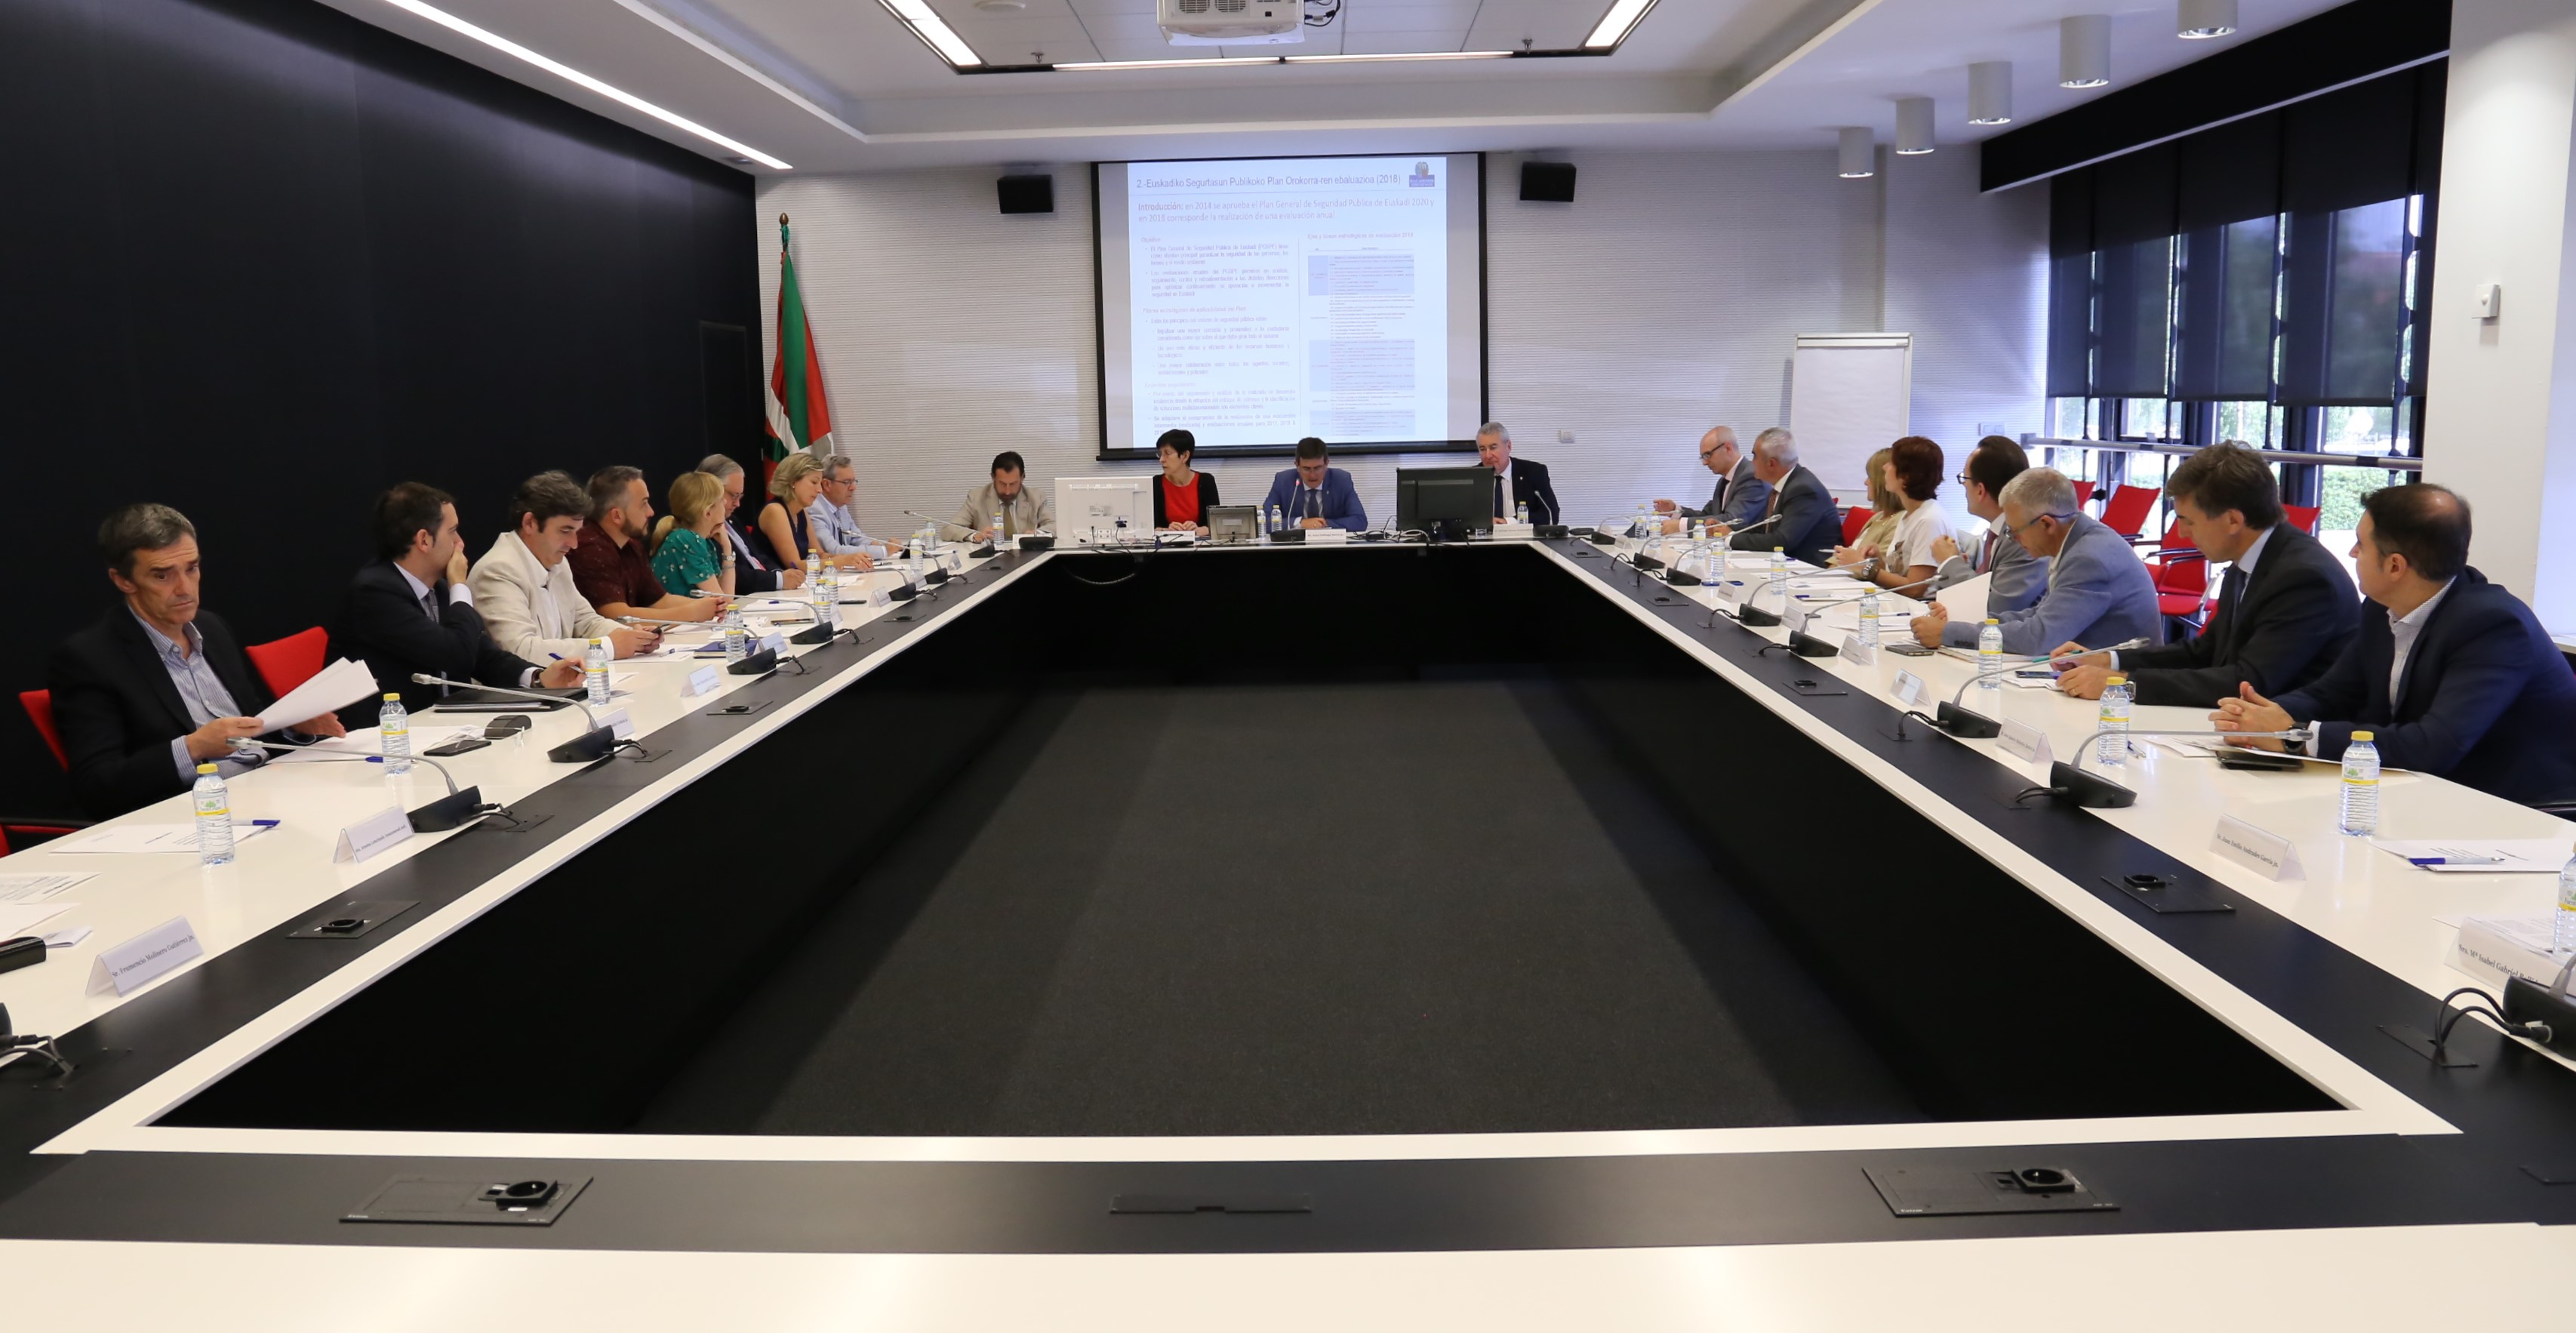 Euskadiko Segurtasun Publikoaren Kontseiluak urteko bilera egin du plana, delinkuentziaren estatistikak eta Euskadiko Poliziaren Legearen erreforma aztertu eta ebaluatzeko